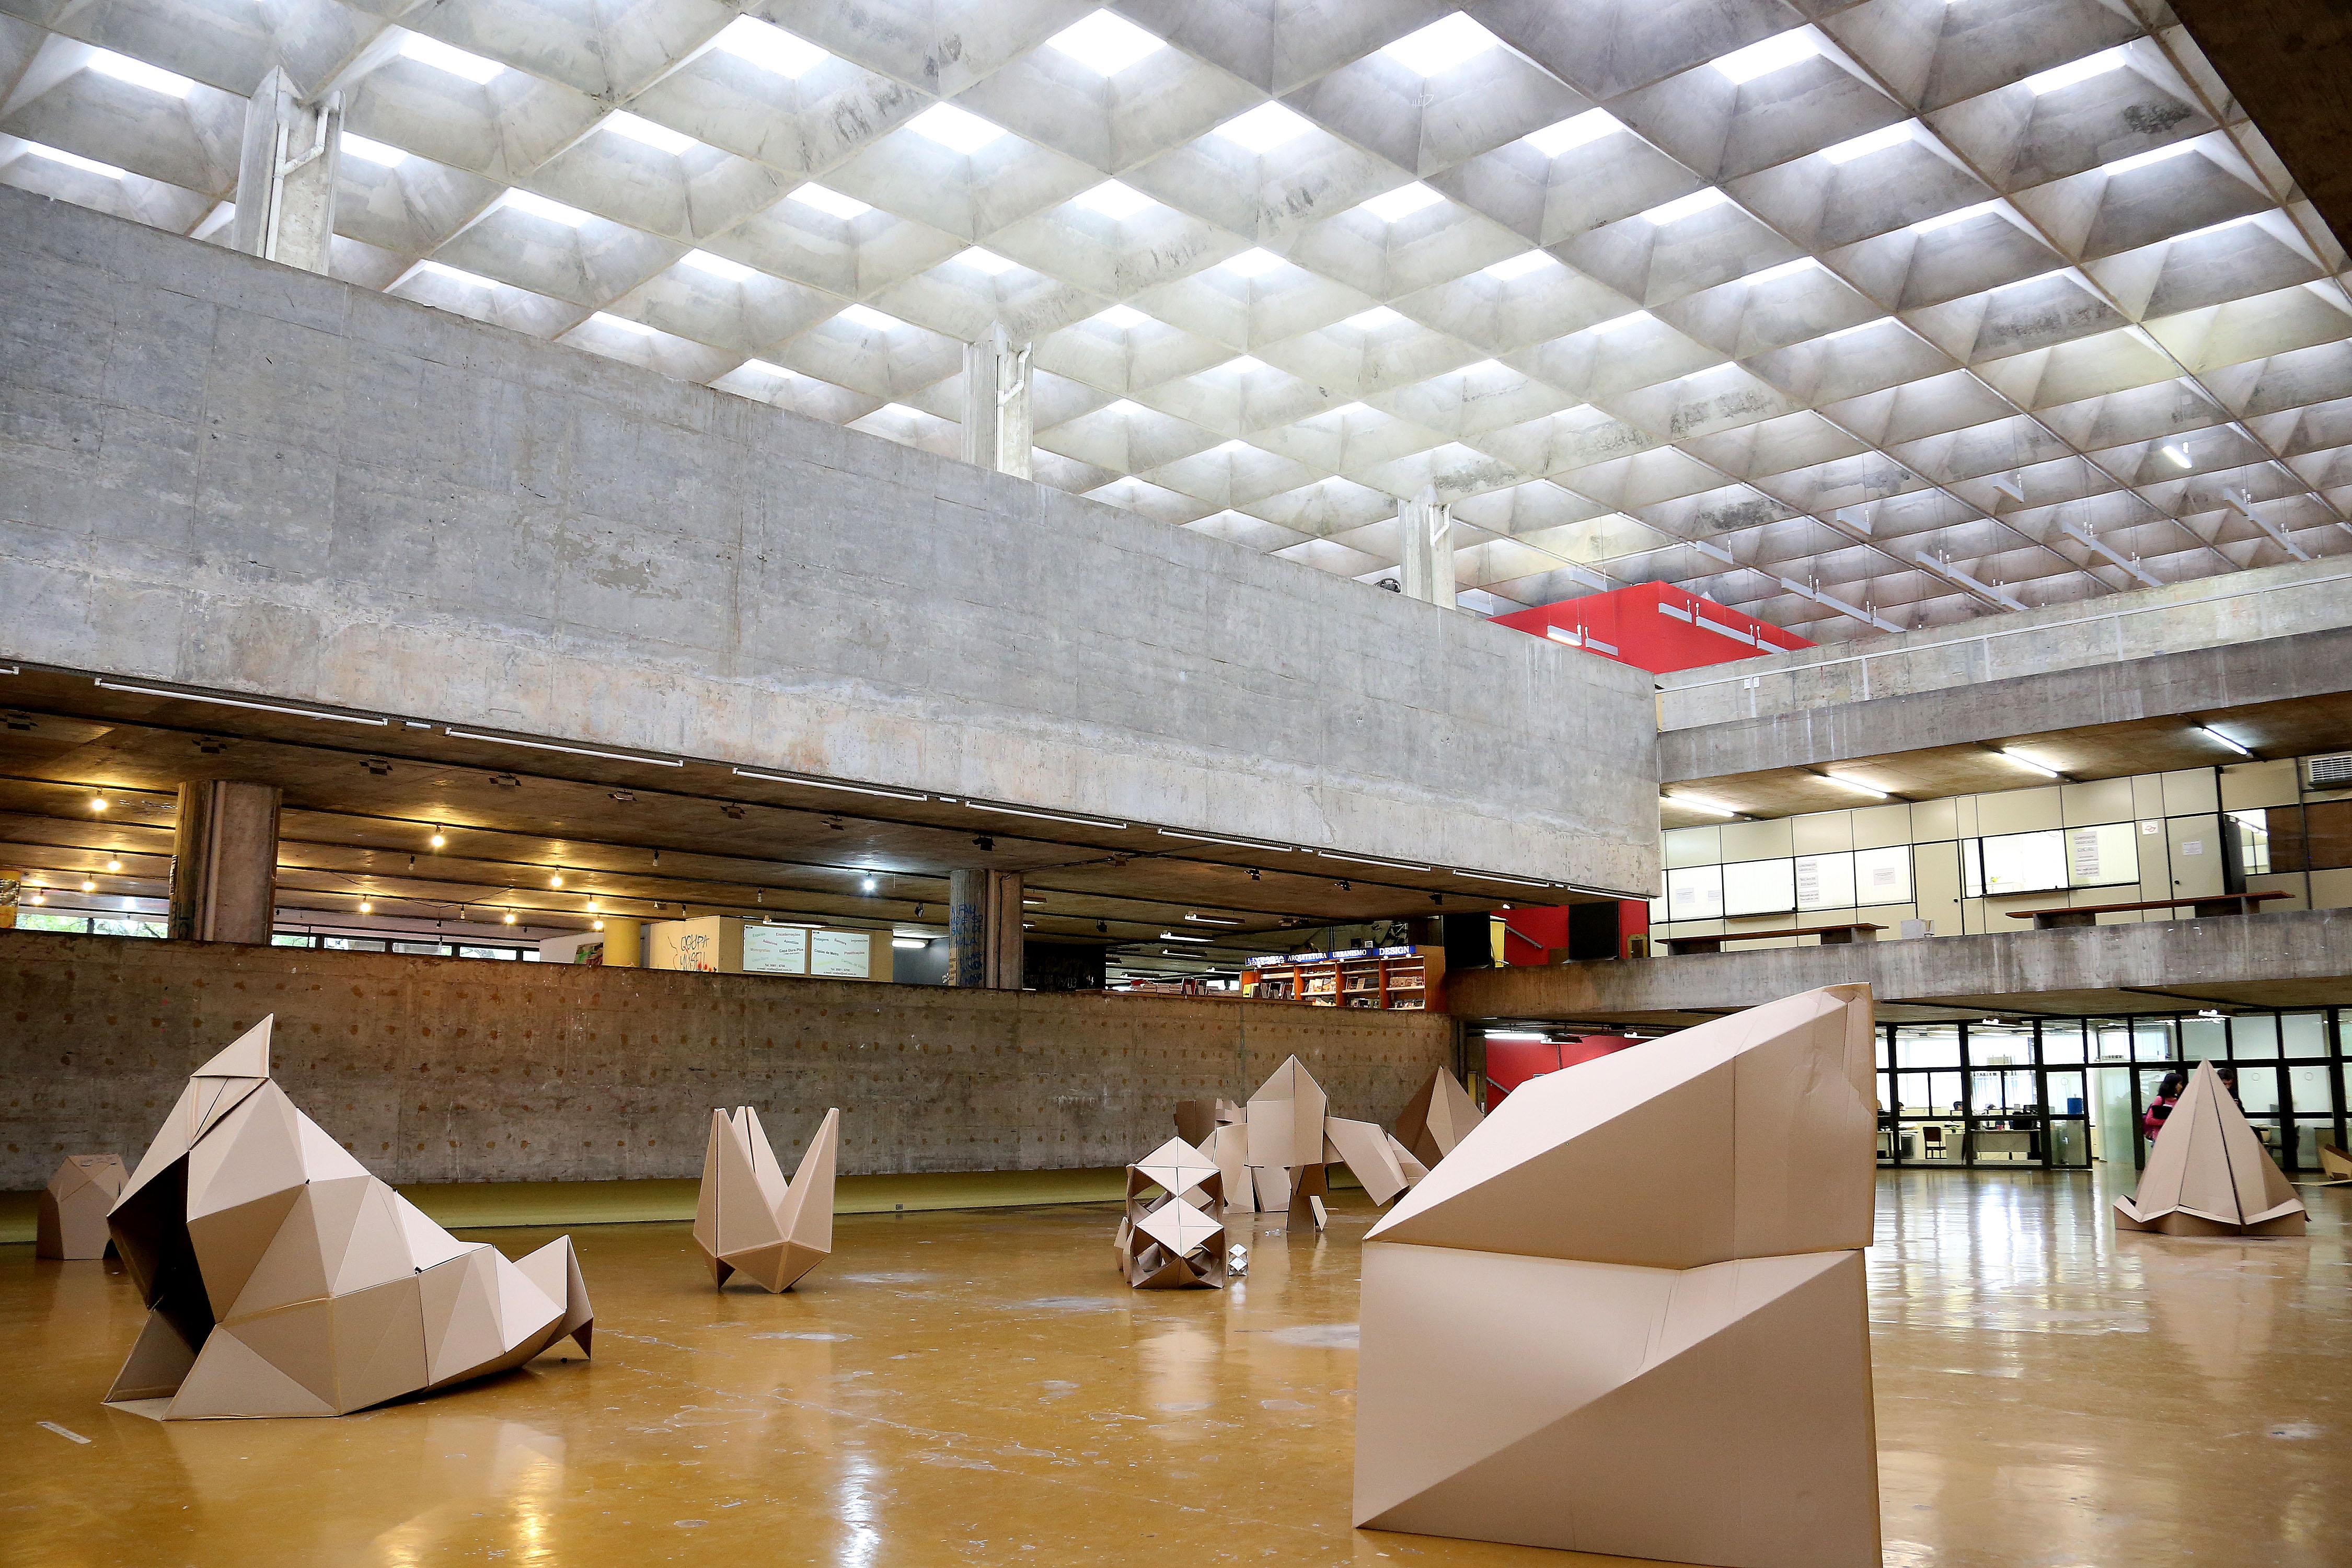 Faculdade de Arquitetura e Urbanismo da Usp. foto Cecília Bastos/USP Imagem